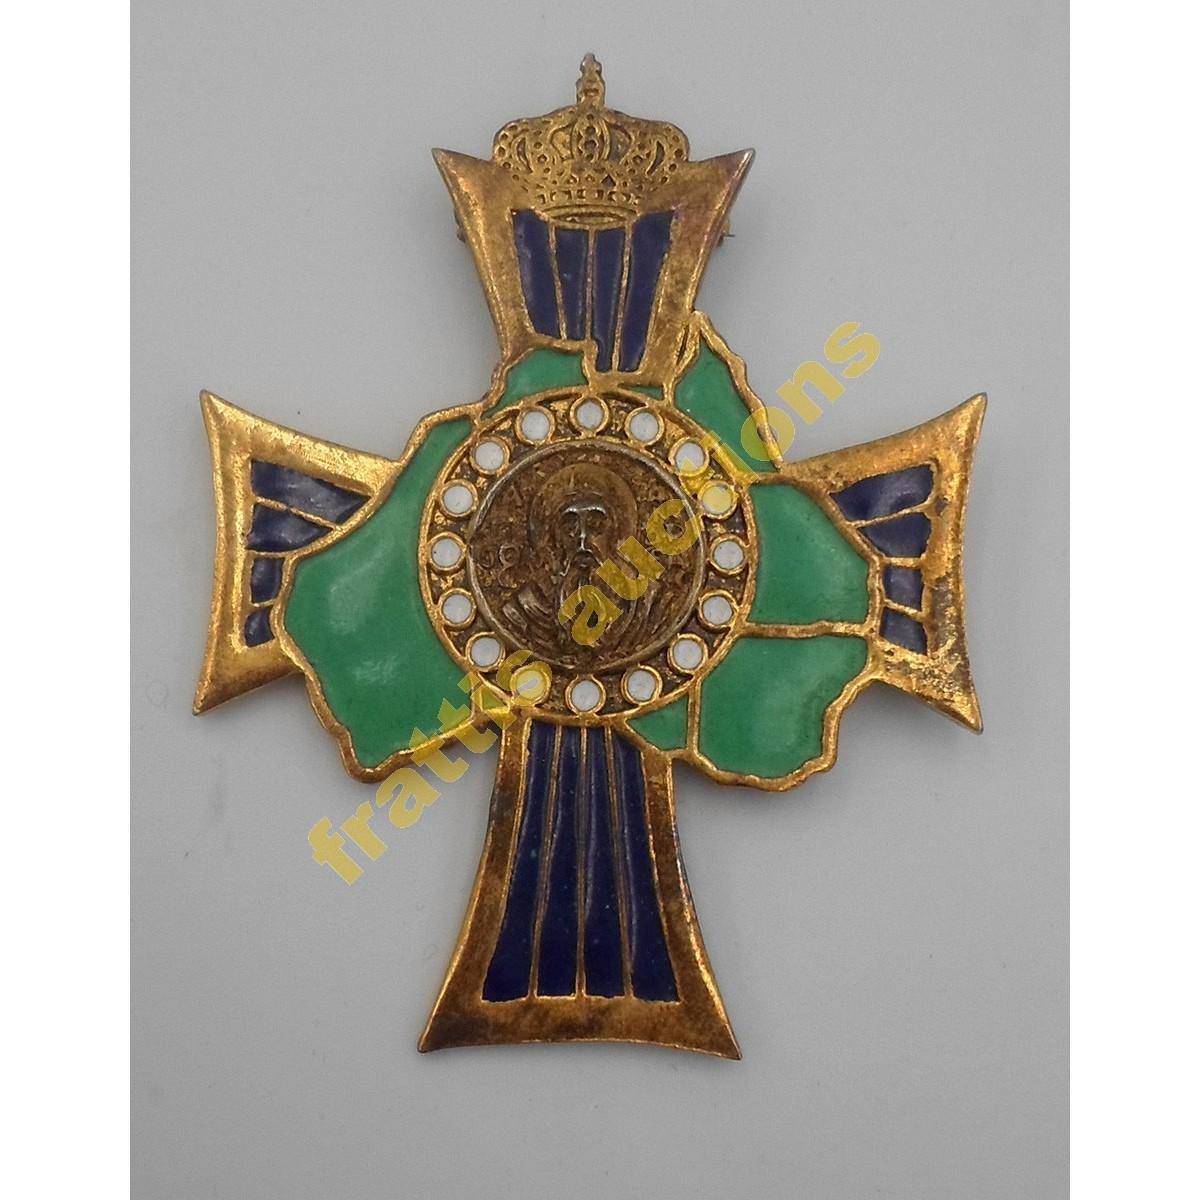 Ιερά Αρχιεπισκοπή Αυστραλίας, 1924.